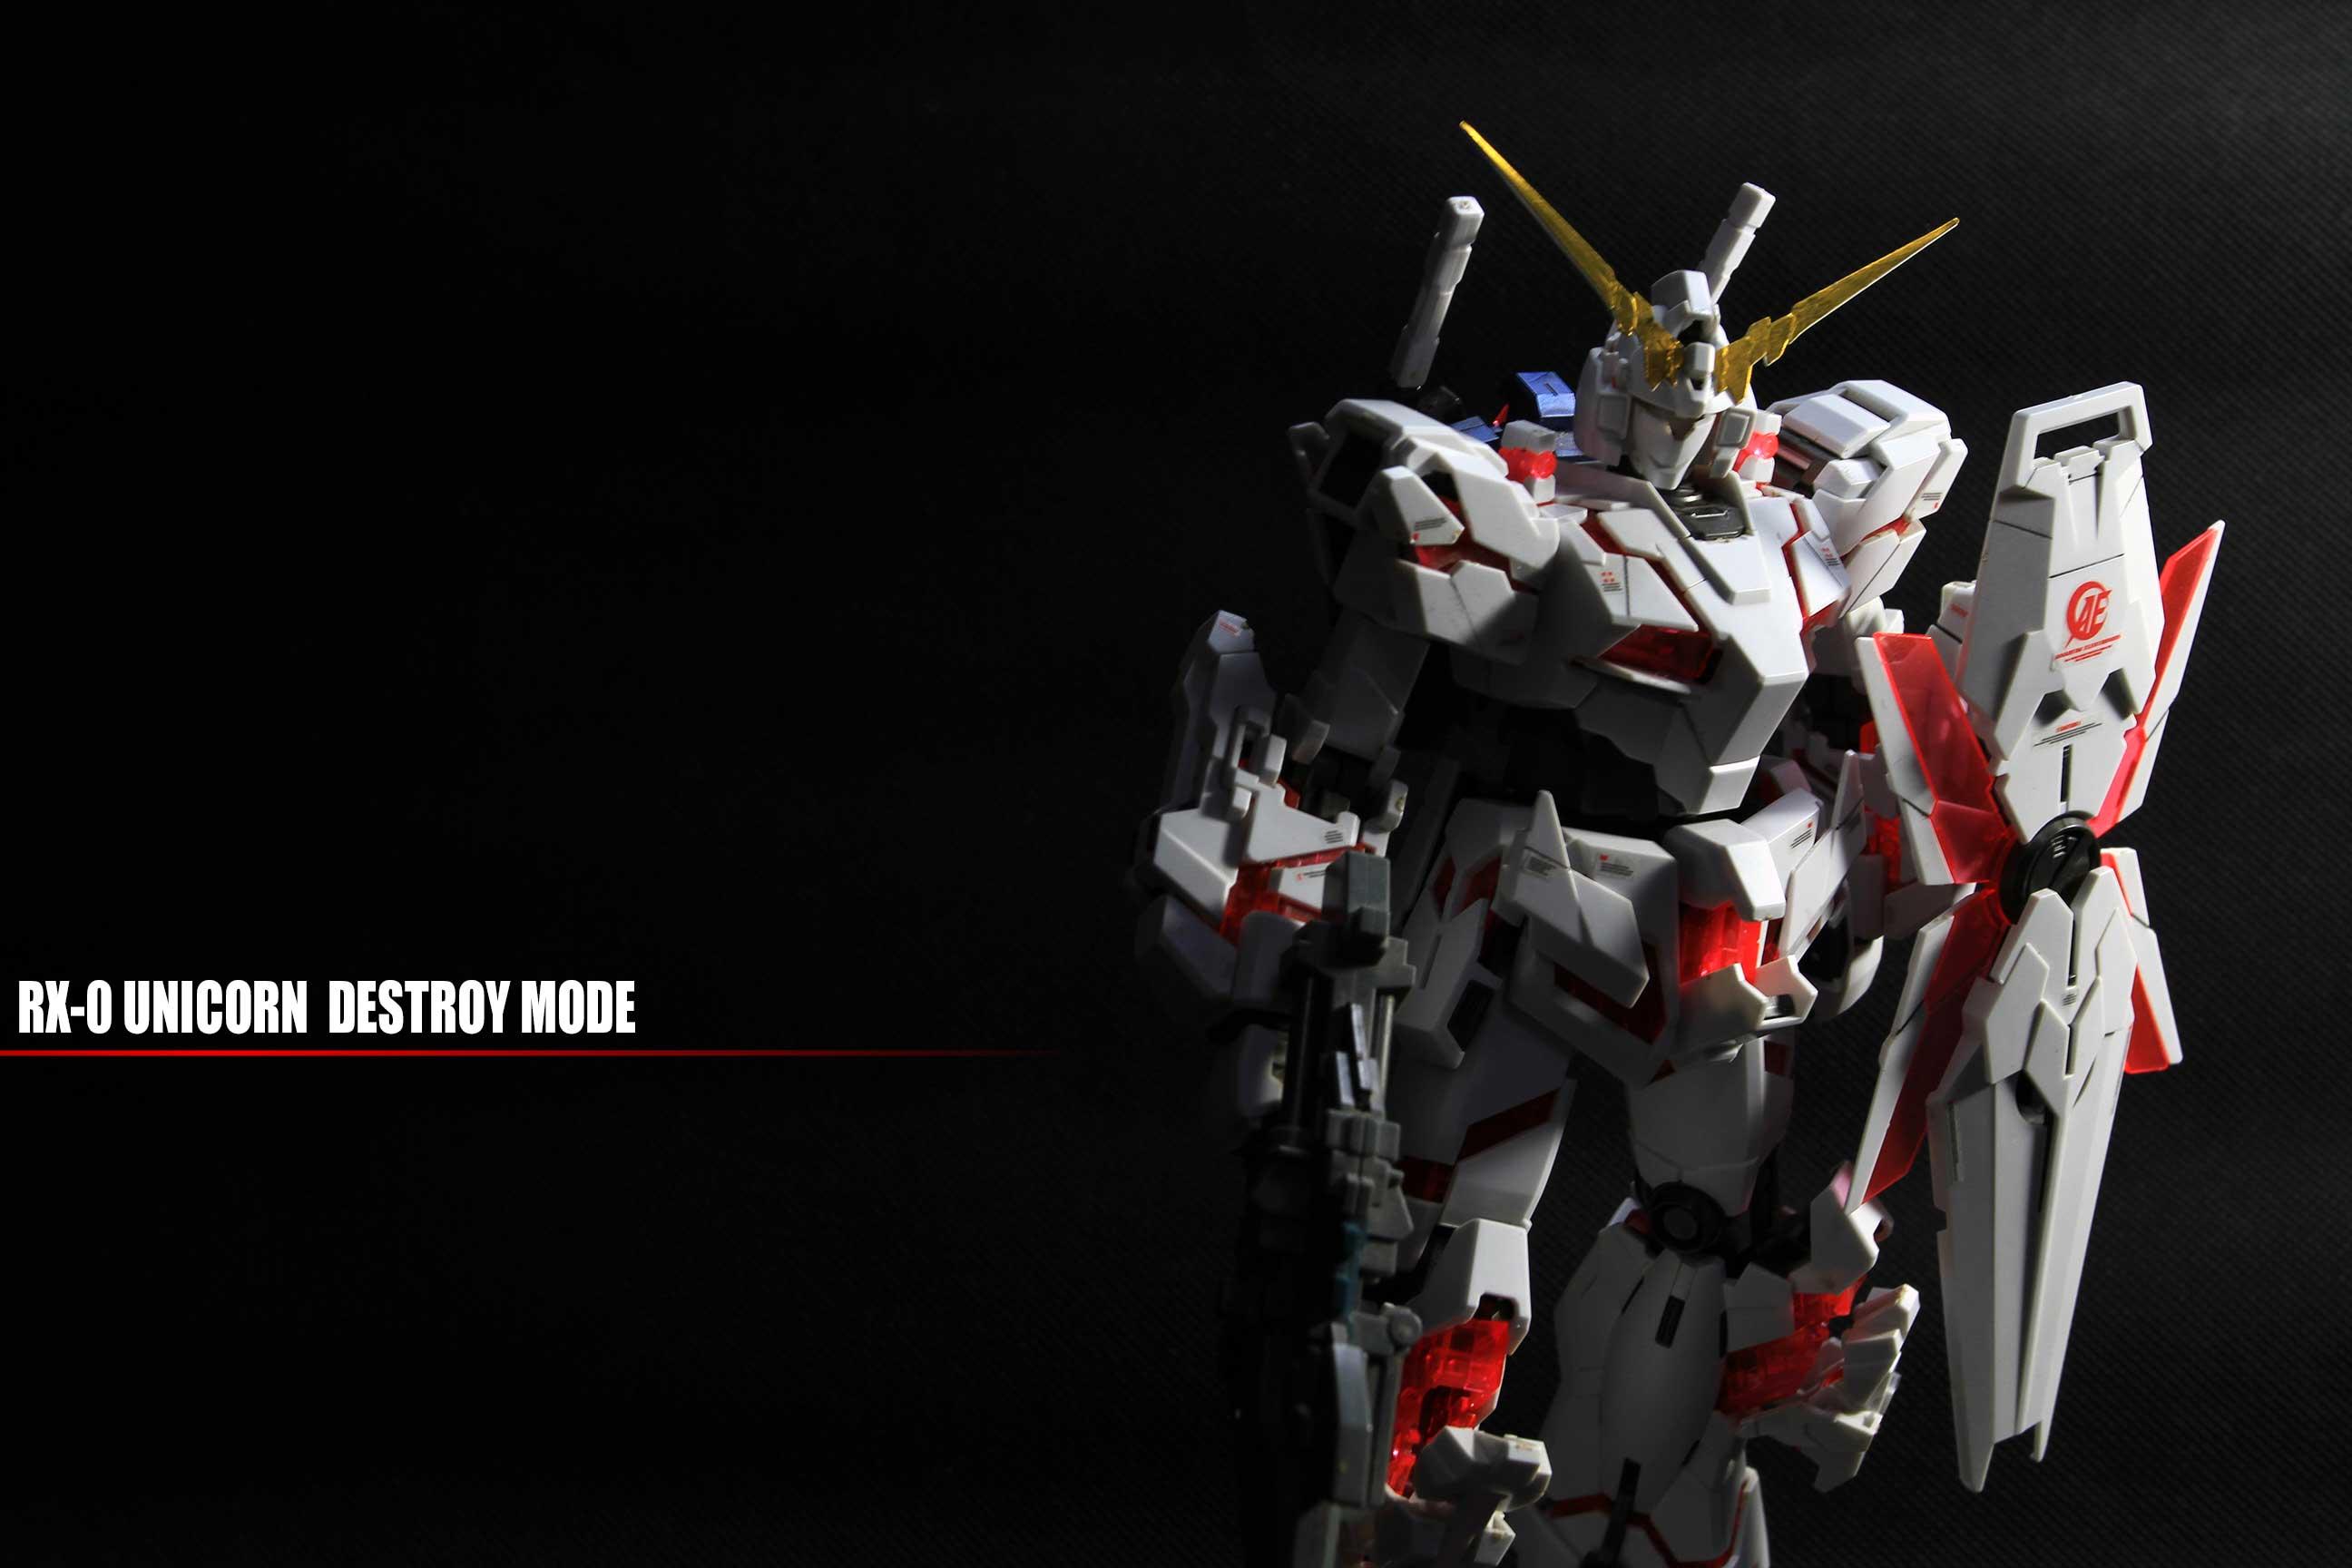 MG RX-0 UNICORN 万代独角兽 老物新拍